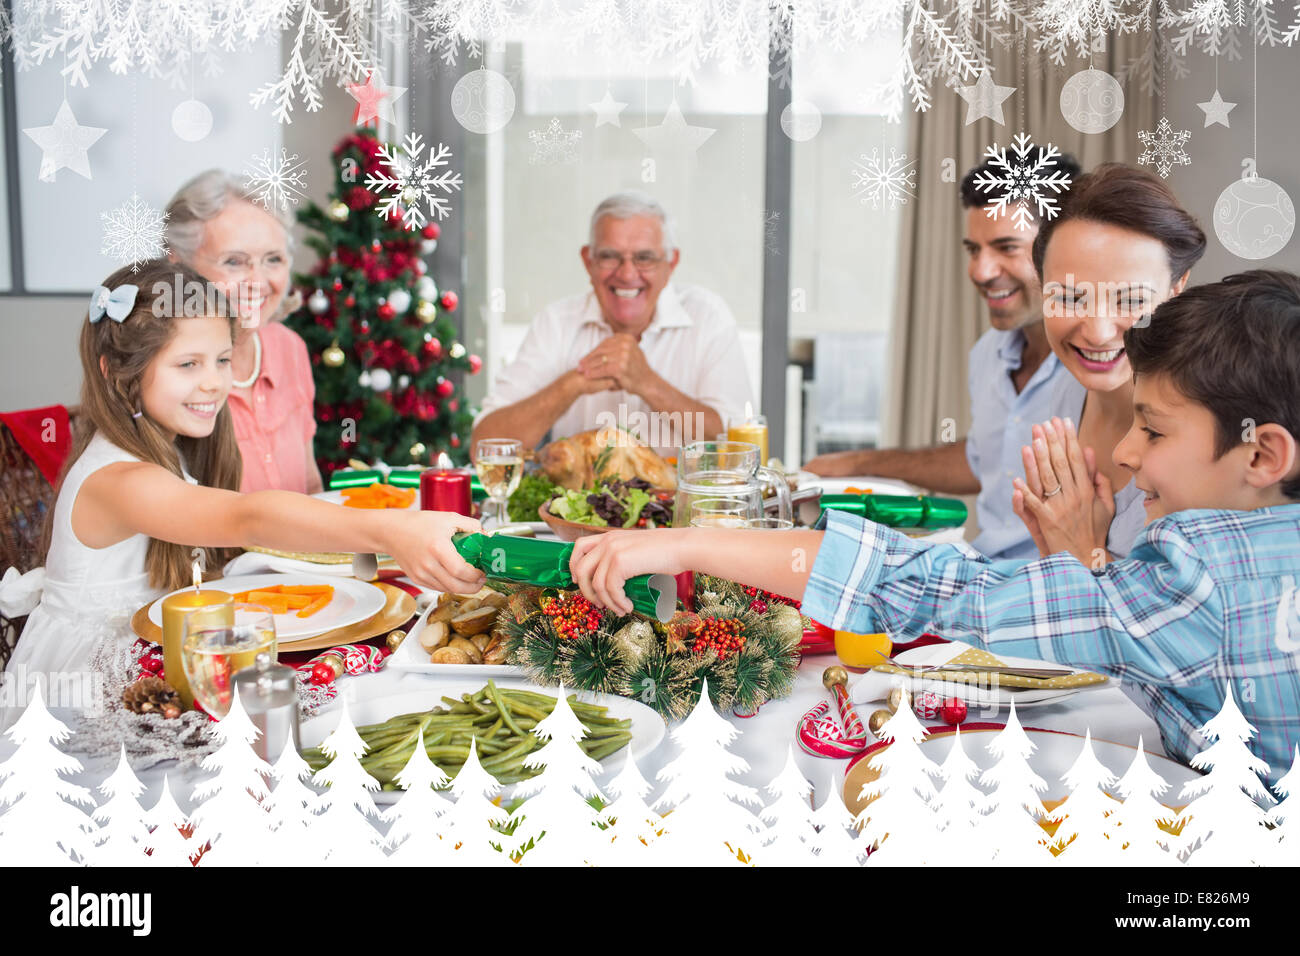 happy family table manger pour le d ner de no l banque d 39 images photo stock 73807897 alamy. Black Bedroom Furniture Sets. Home Design Ideas